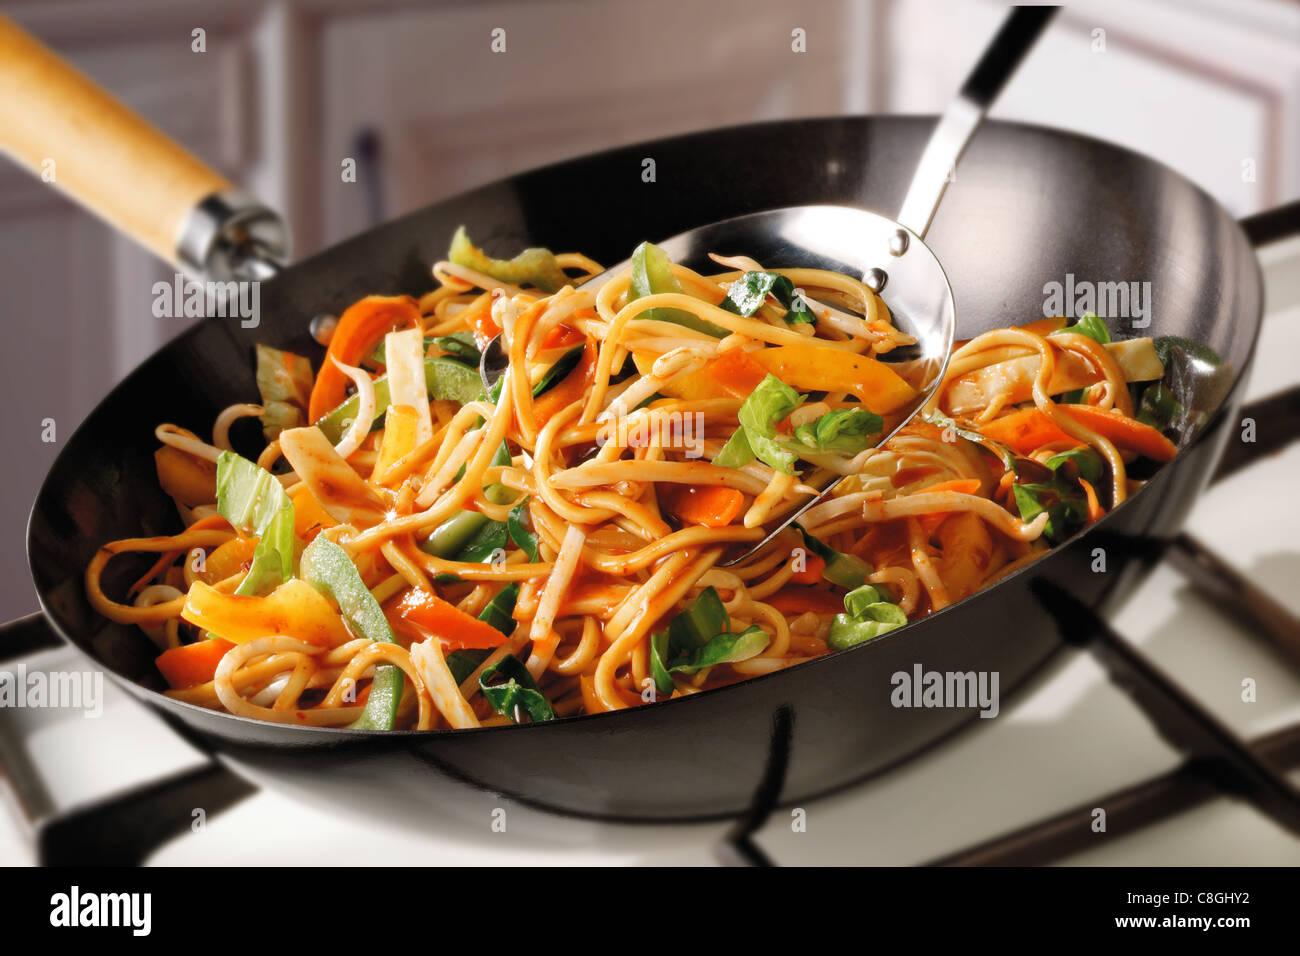 Faire sauter les nouilles, pak choi, carottes et pousses de haricots Banque D'Images